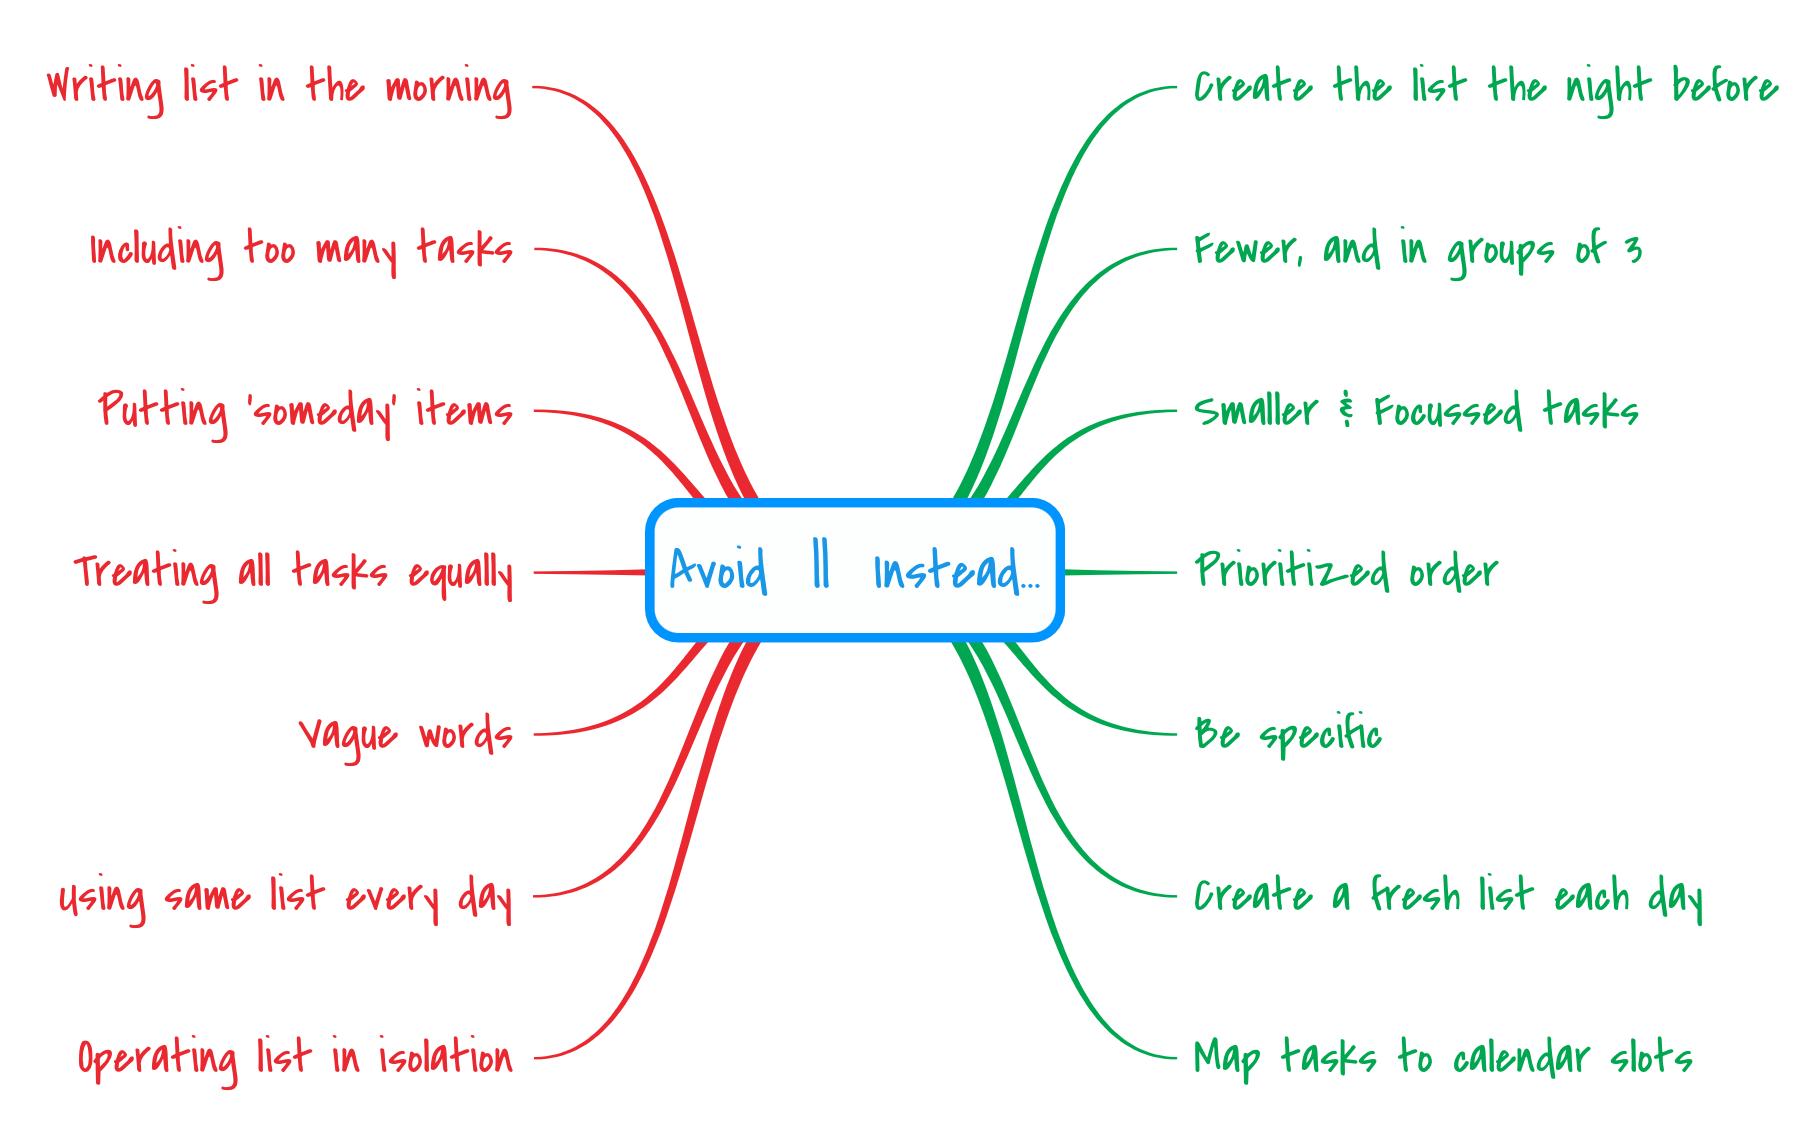 Summary of all the key ideas